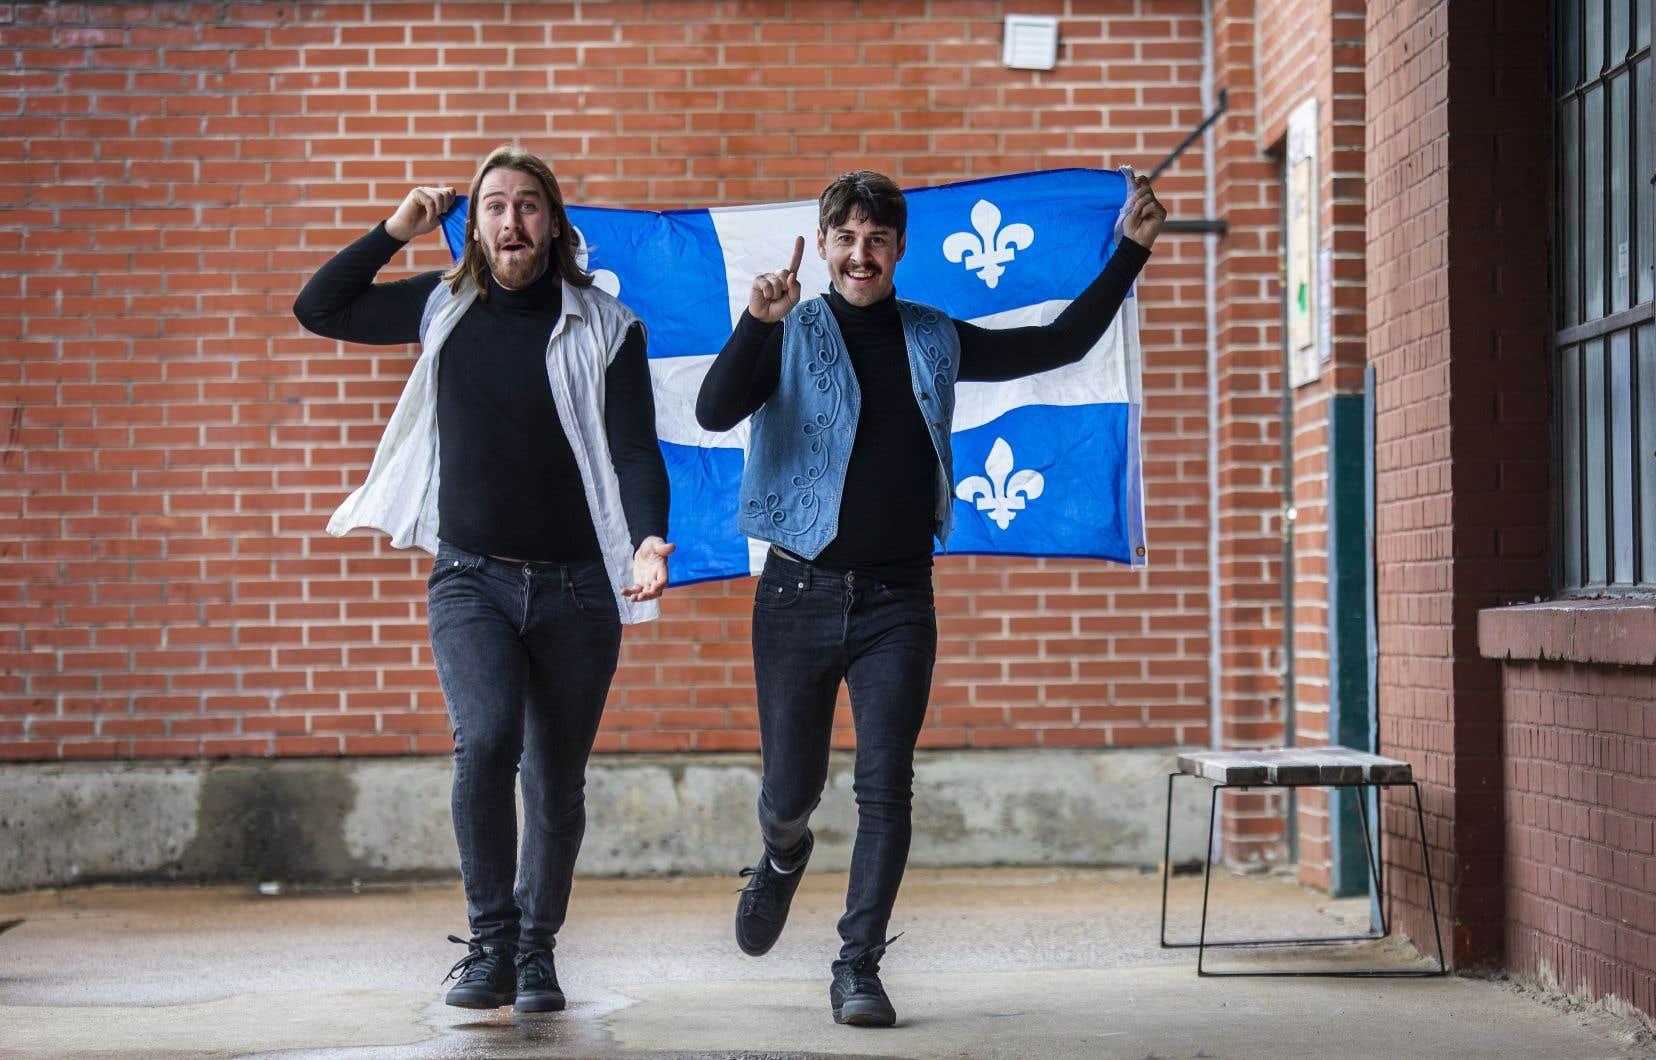 Le sont-ils ou ne le sont-ils pas, souverainistes? La question pourchasse François Ruel-Côté et Sébastien Tessier depuis la première fois qu'ils ont enfilé les petites vestes «pas-de-manches» et les cols roulés devenus l'uniforme officiel de Brick et Brack.